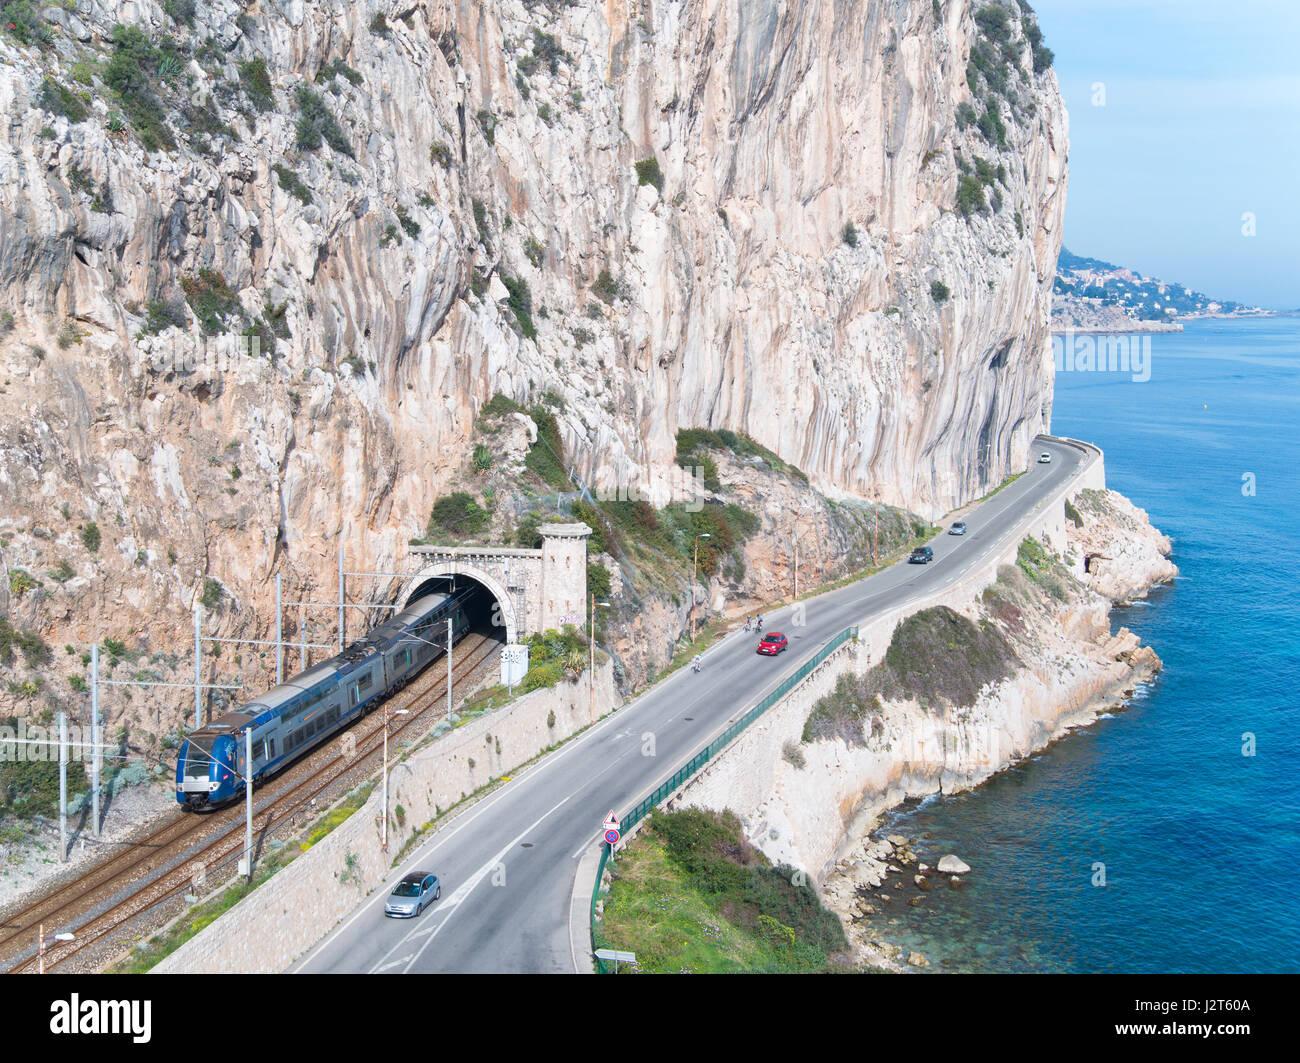 Eisenbahn und Straße IN A TOPOGRAPHISCH UNFREUNDLICHE REGION (Luftbild). Beaulieu-Sur-Mer bis Eze Bord de Mer, Stockbild